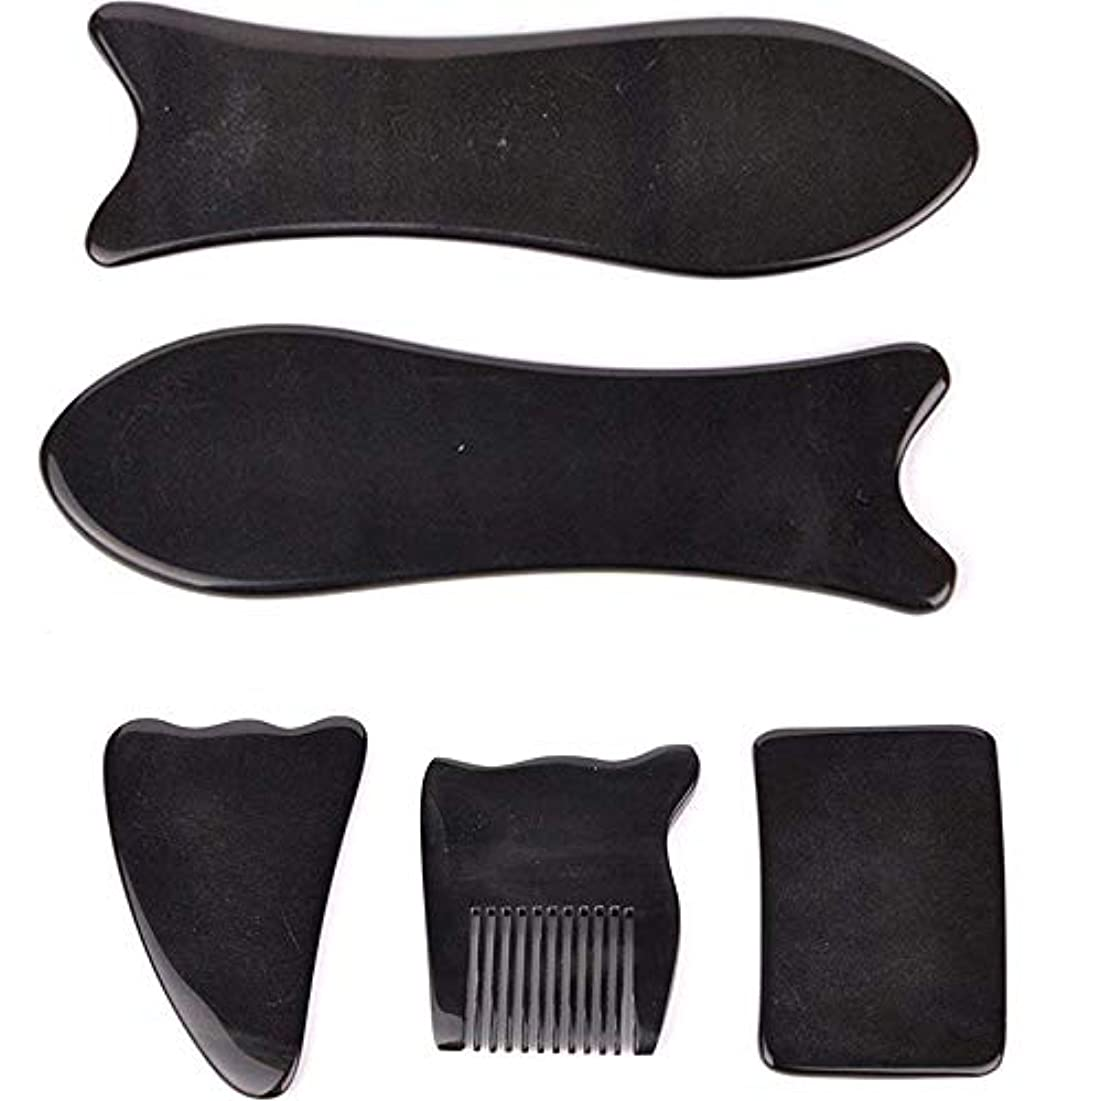 キャンパス知恵はがきEcho & Kern 5点セット中国伝統かっさ美容マッサージ板 水牛角かっさプレートBLACK OX HORN 5 PCS optik Natural Water Buffalo Horn Gua Sha Board-Reduce...